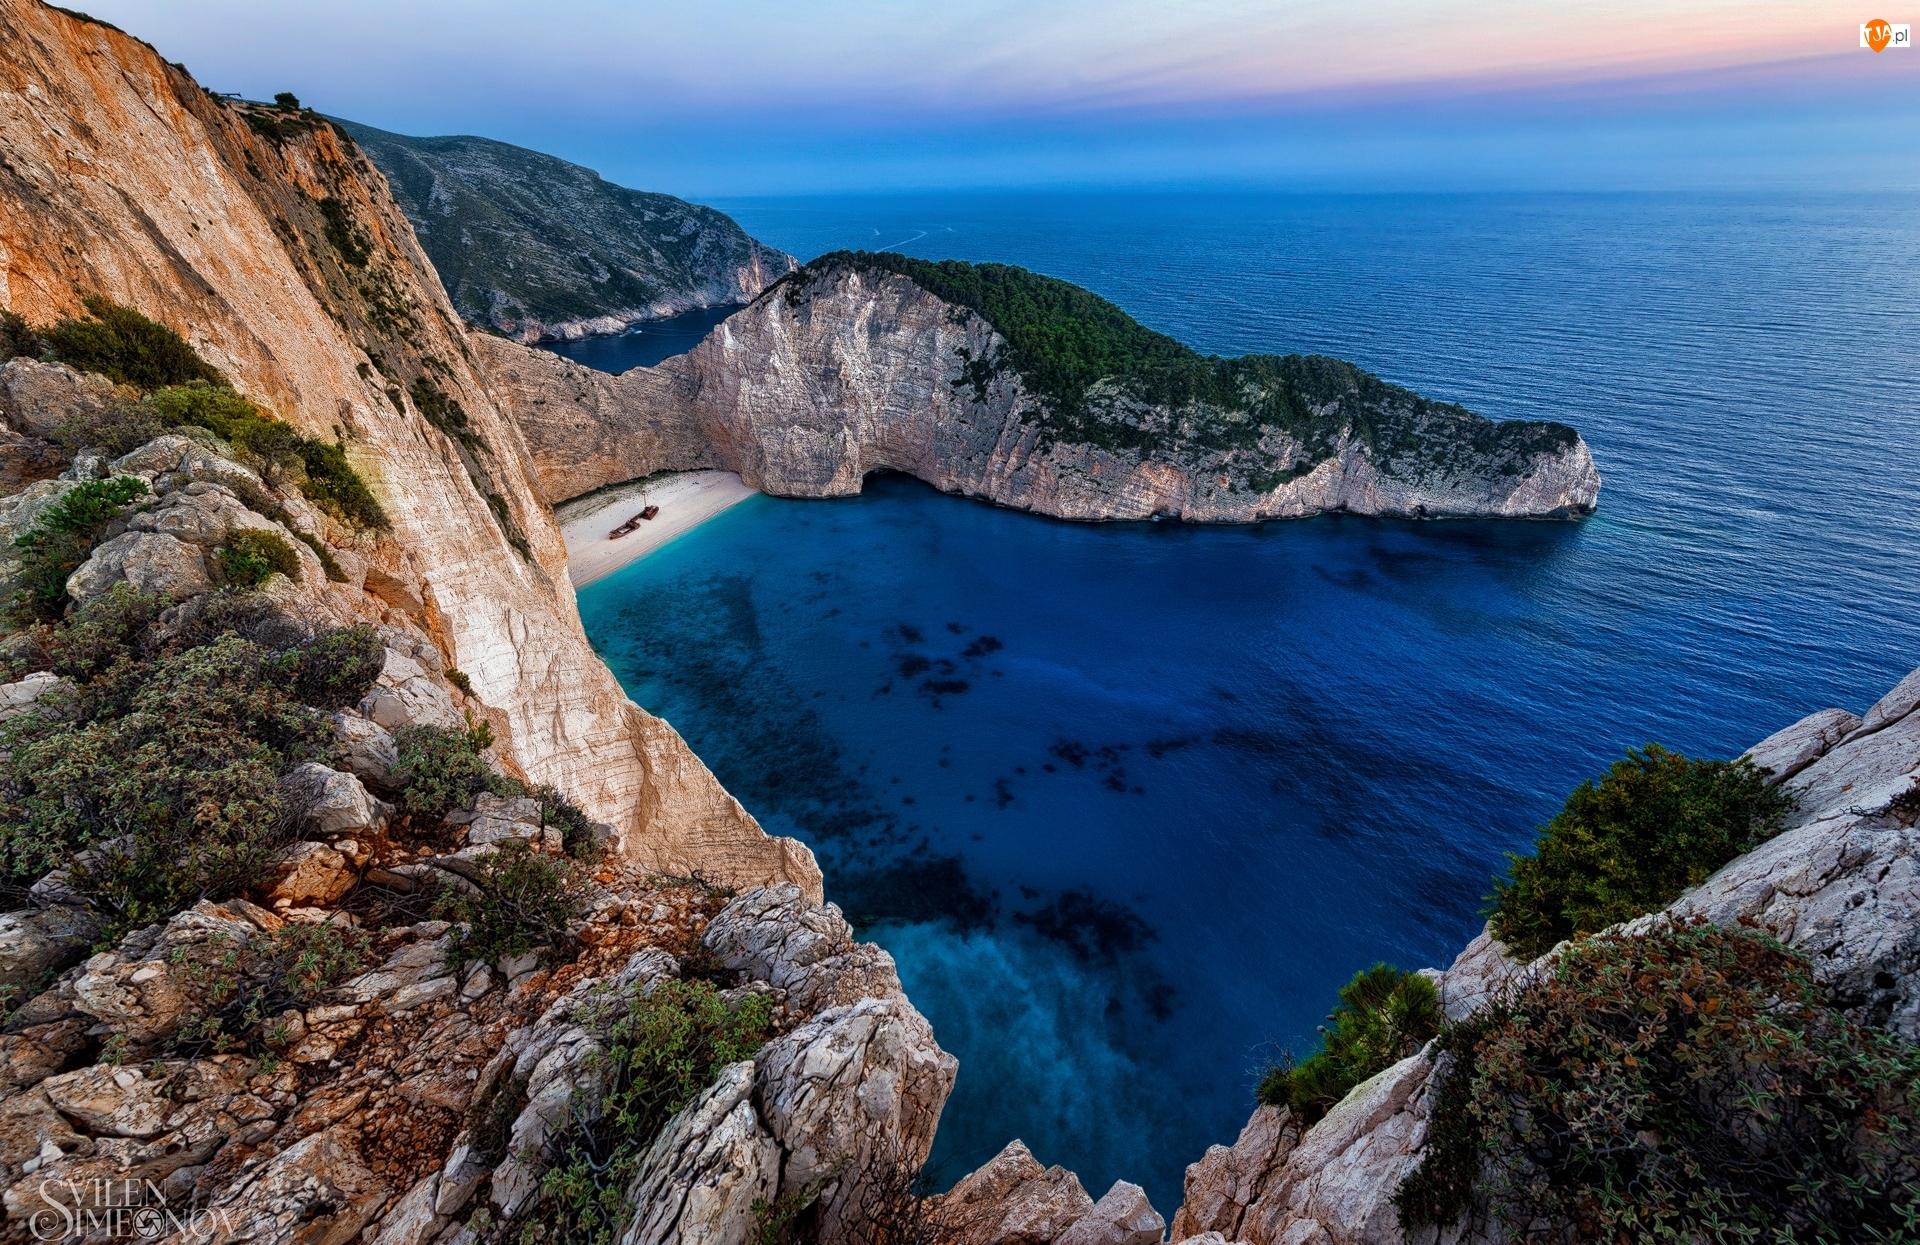 Góry, Grecja, Zatoka Wraku, Klify, Wyspa Zakintos, Morze Jońskie, Skały, Plaża Nawajo